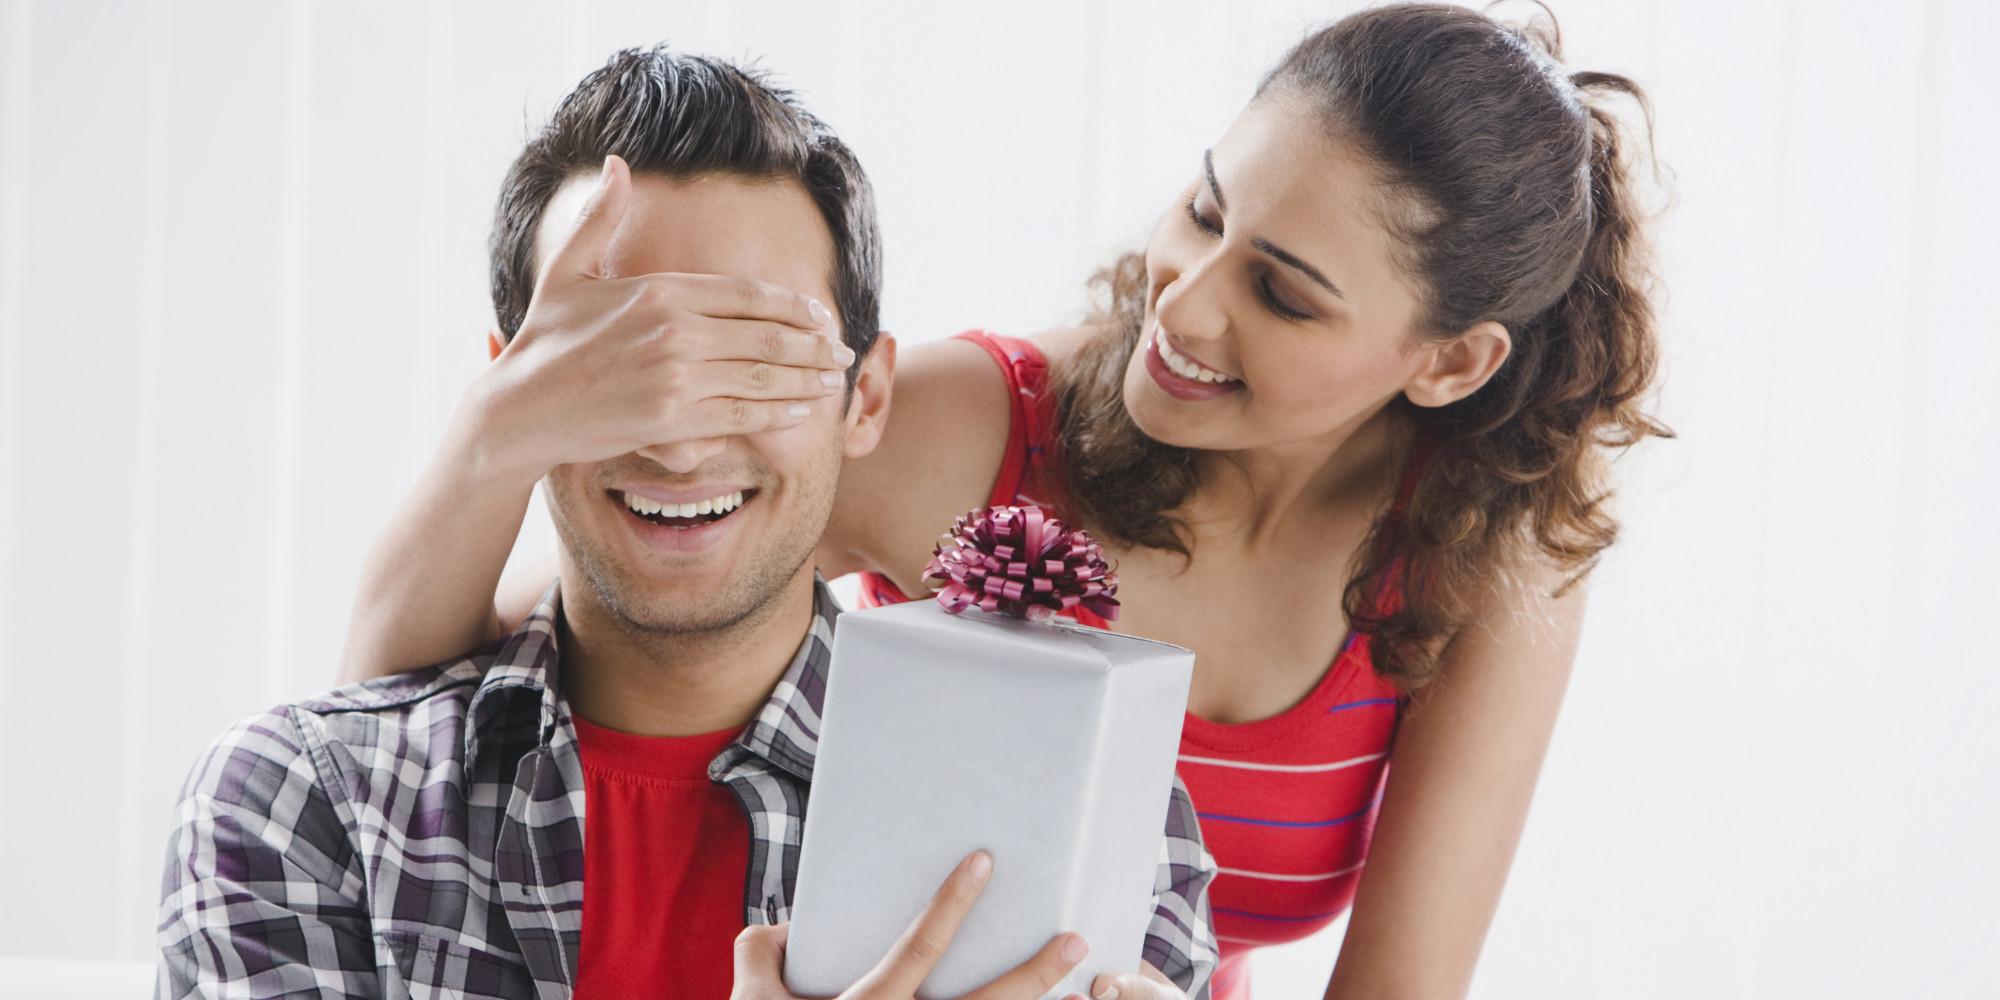 mejor-regalo-para-nuevo-novio